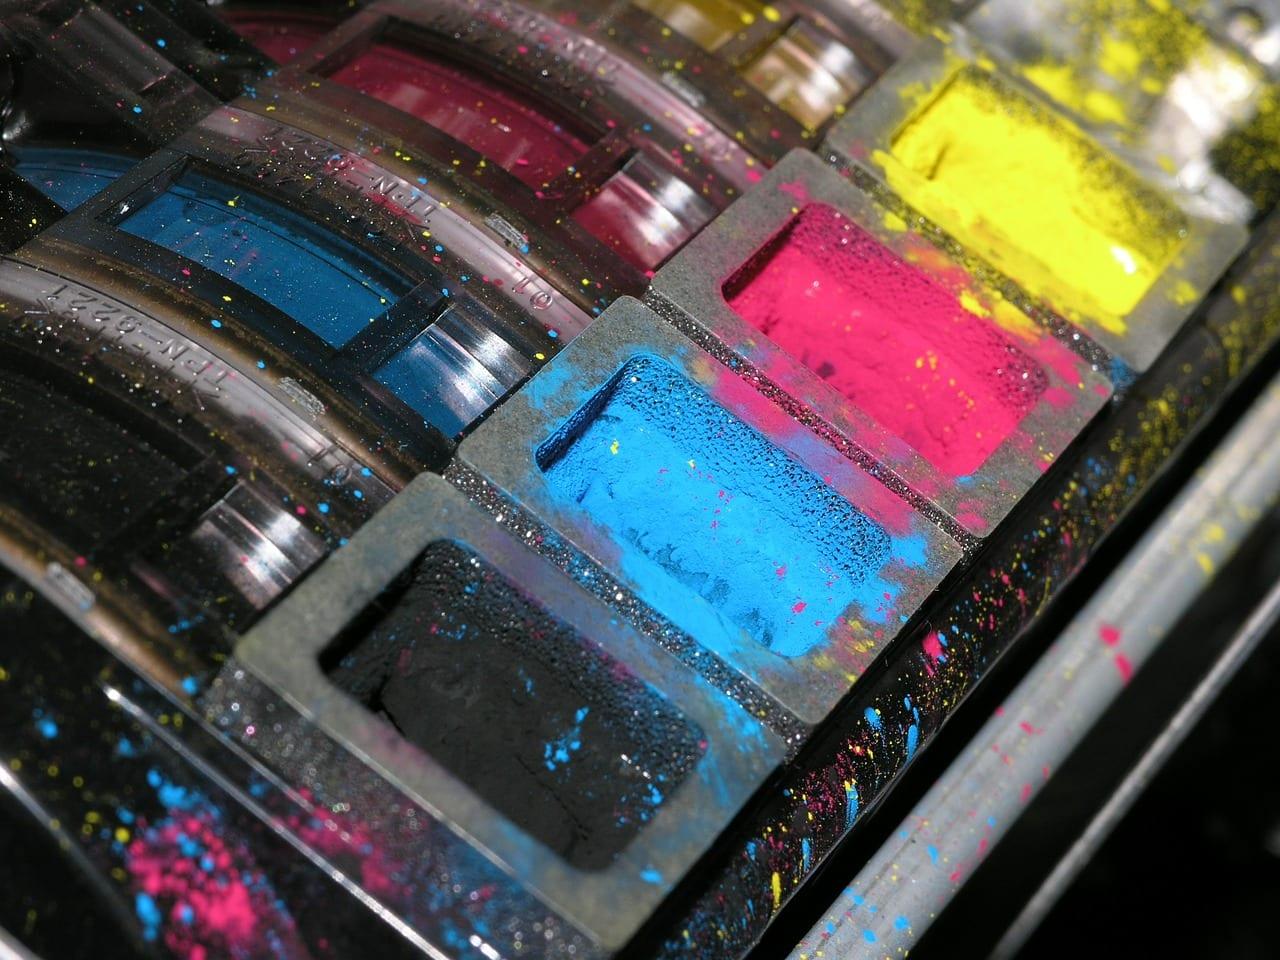 bagaimana prinsip kerja mesin fotocopy